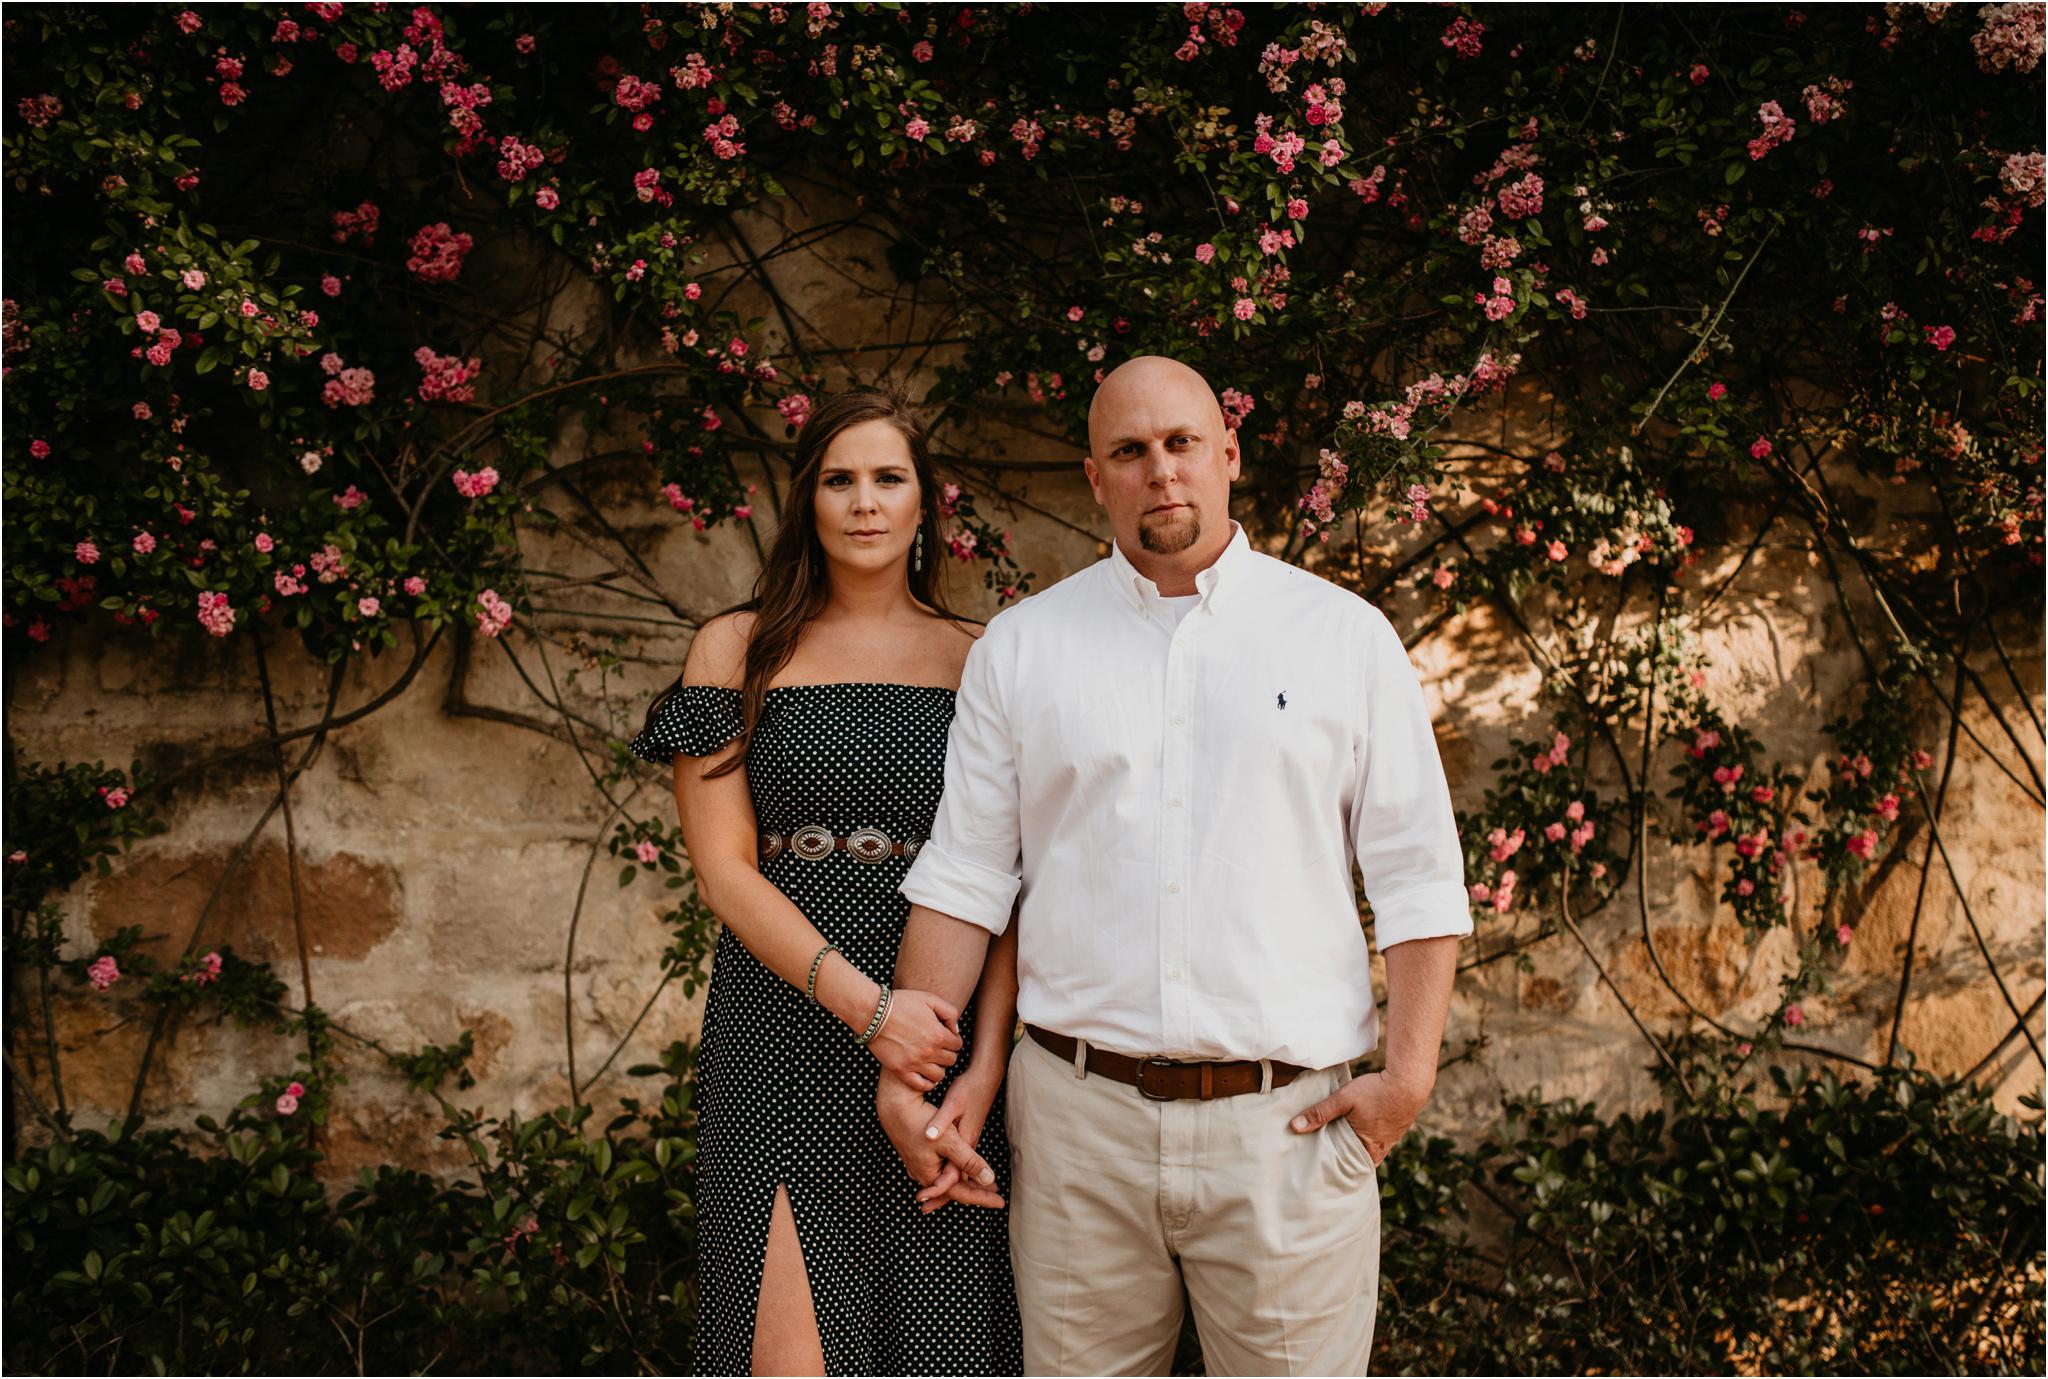 katie-and-eric-houston-oaks-engagement-session-houston-wedding-photographer-023.jpg